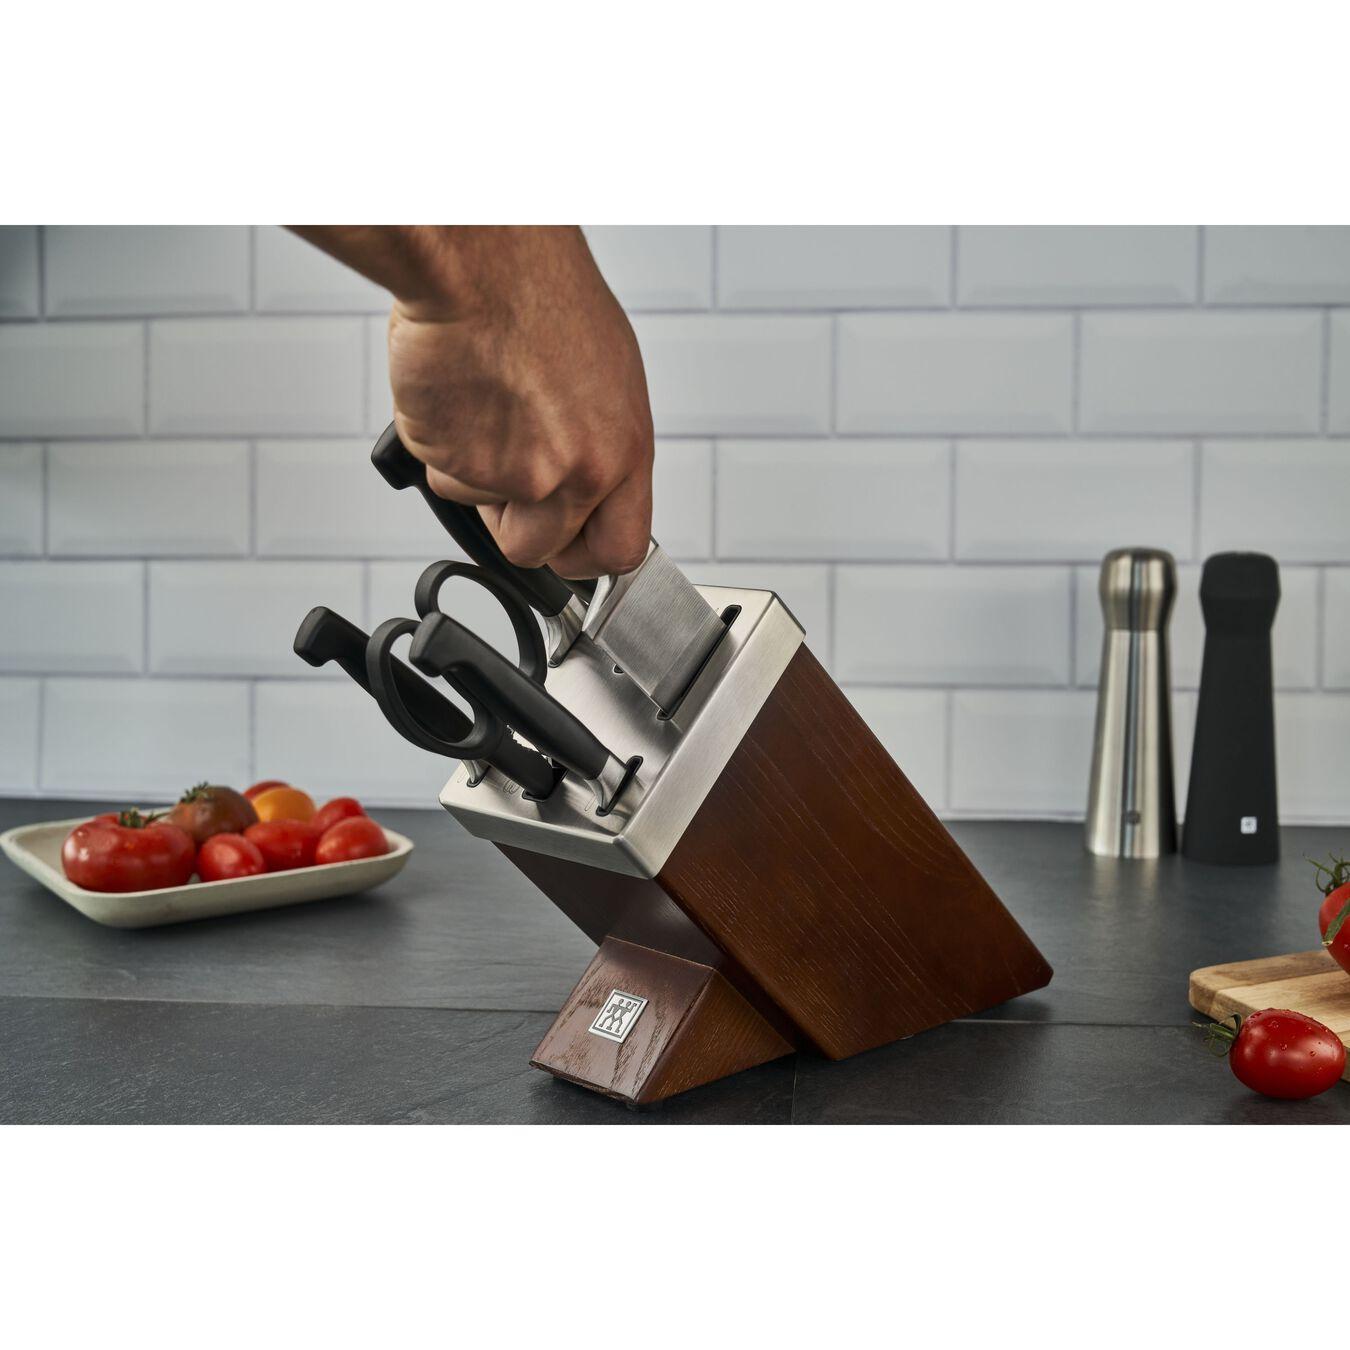 Bloc à couteaux avec technologie KiS, 7-pces, Frêne,,large 4